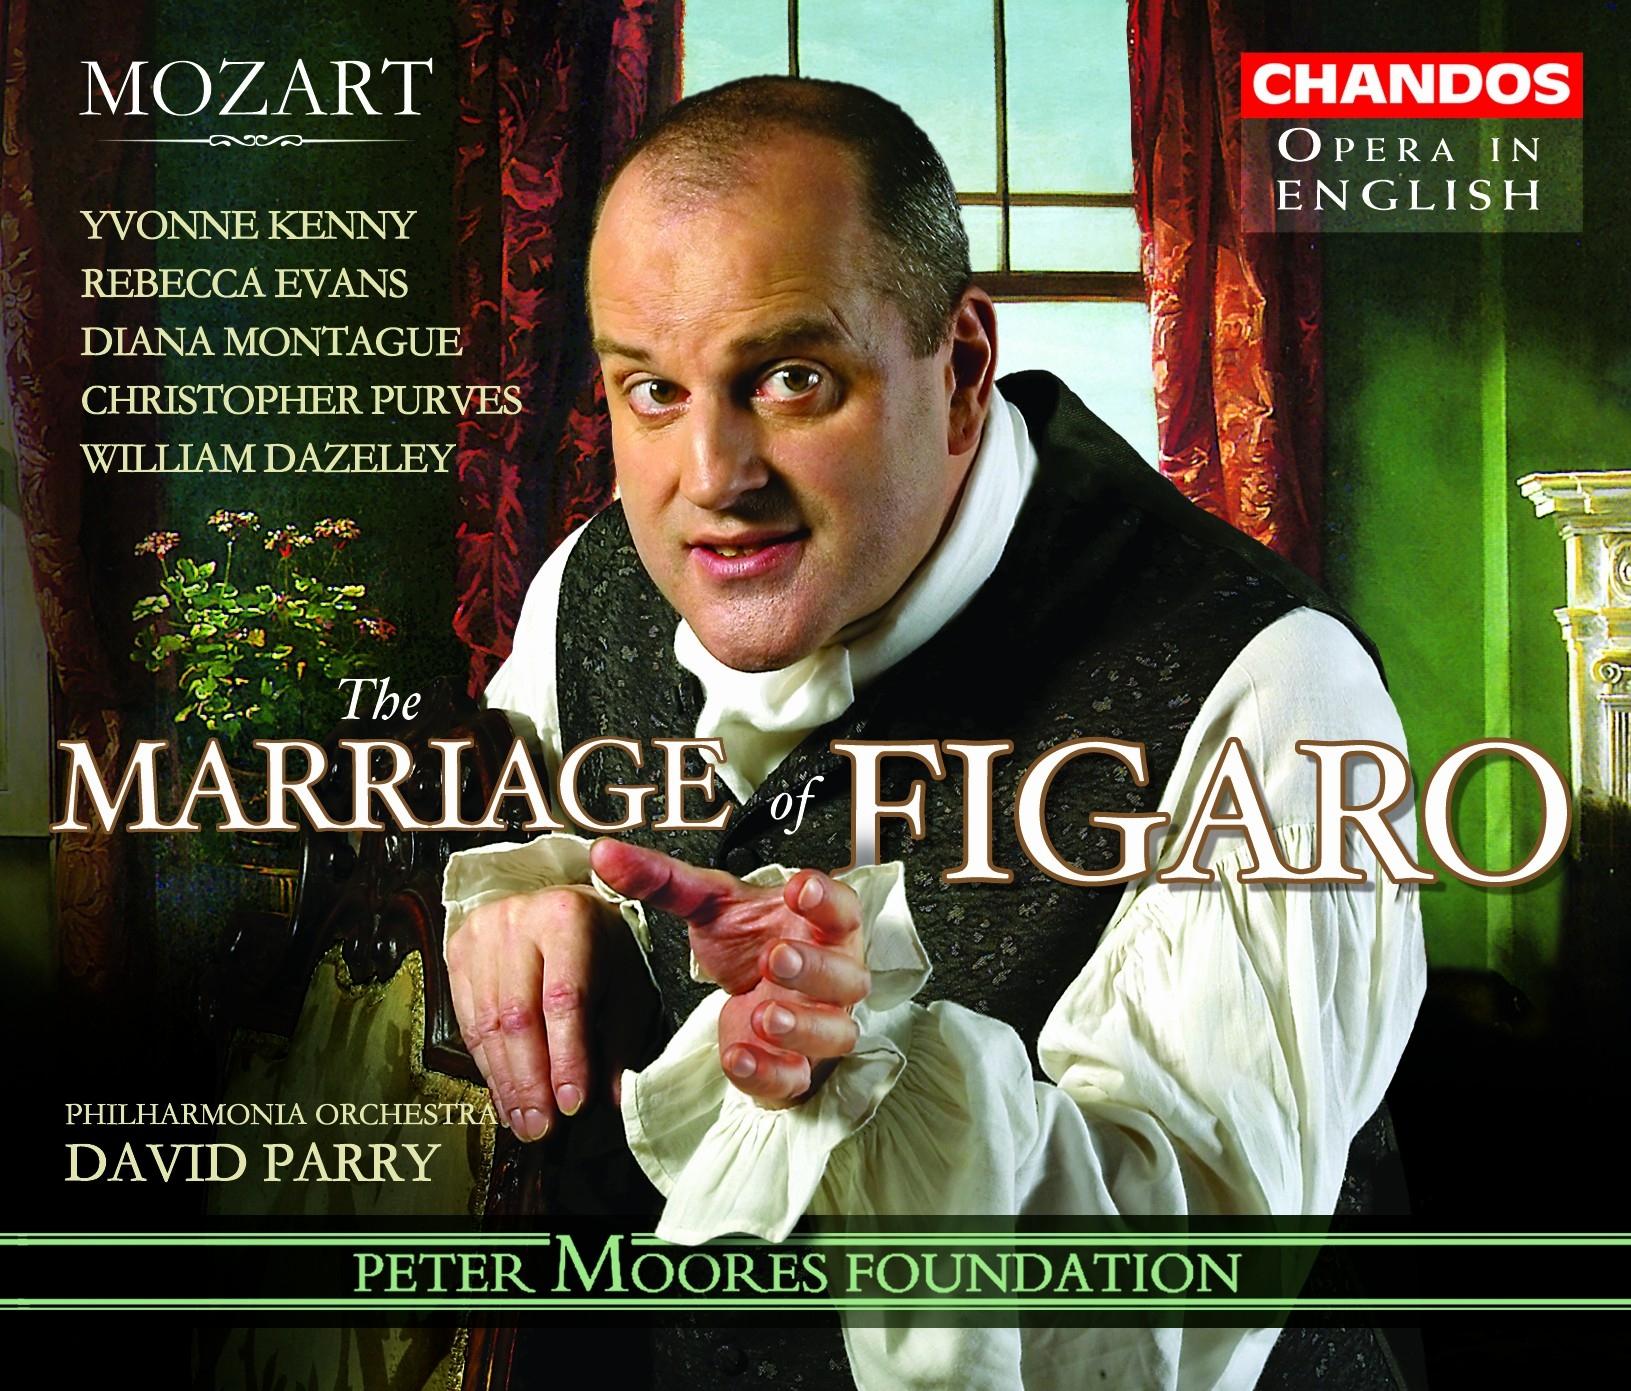 Jonathan Veira – Le nozze di Figaro recording (Chandos)